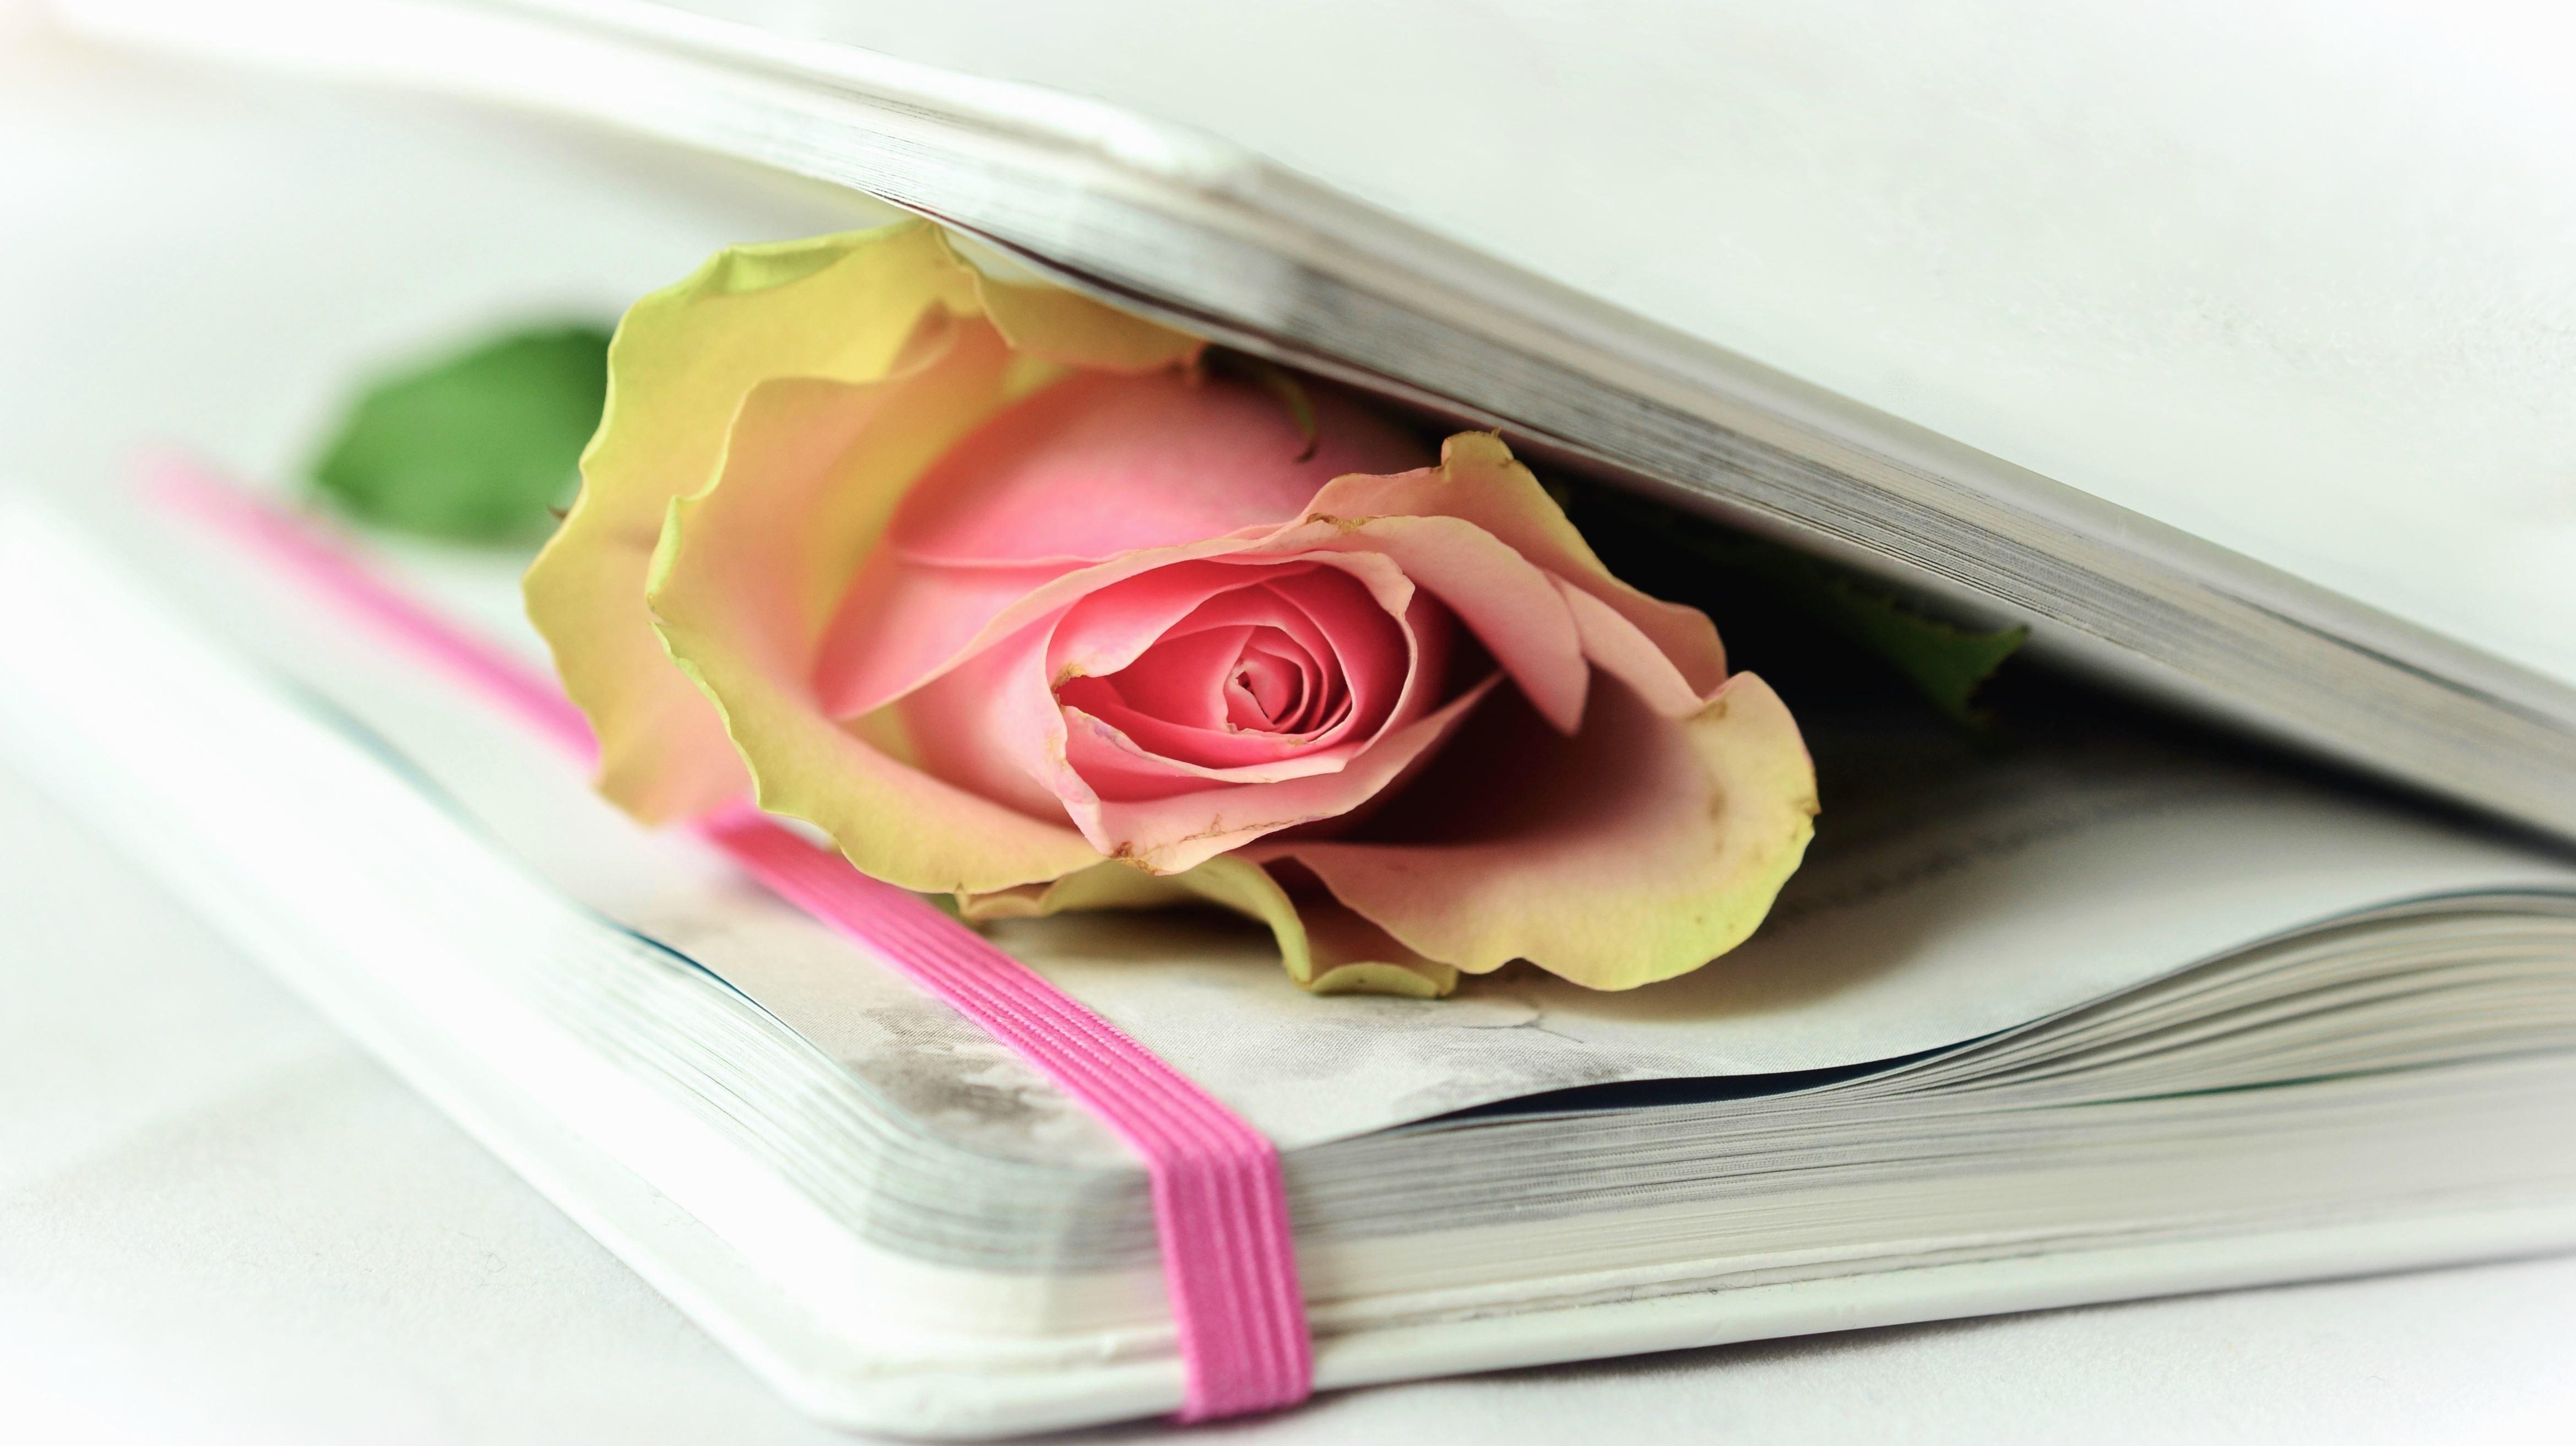 Image Libre Rose Livre Petales Couverture Feuille Papier